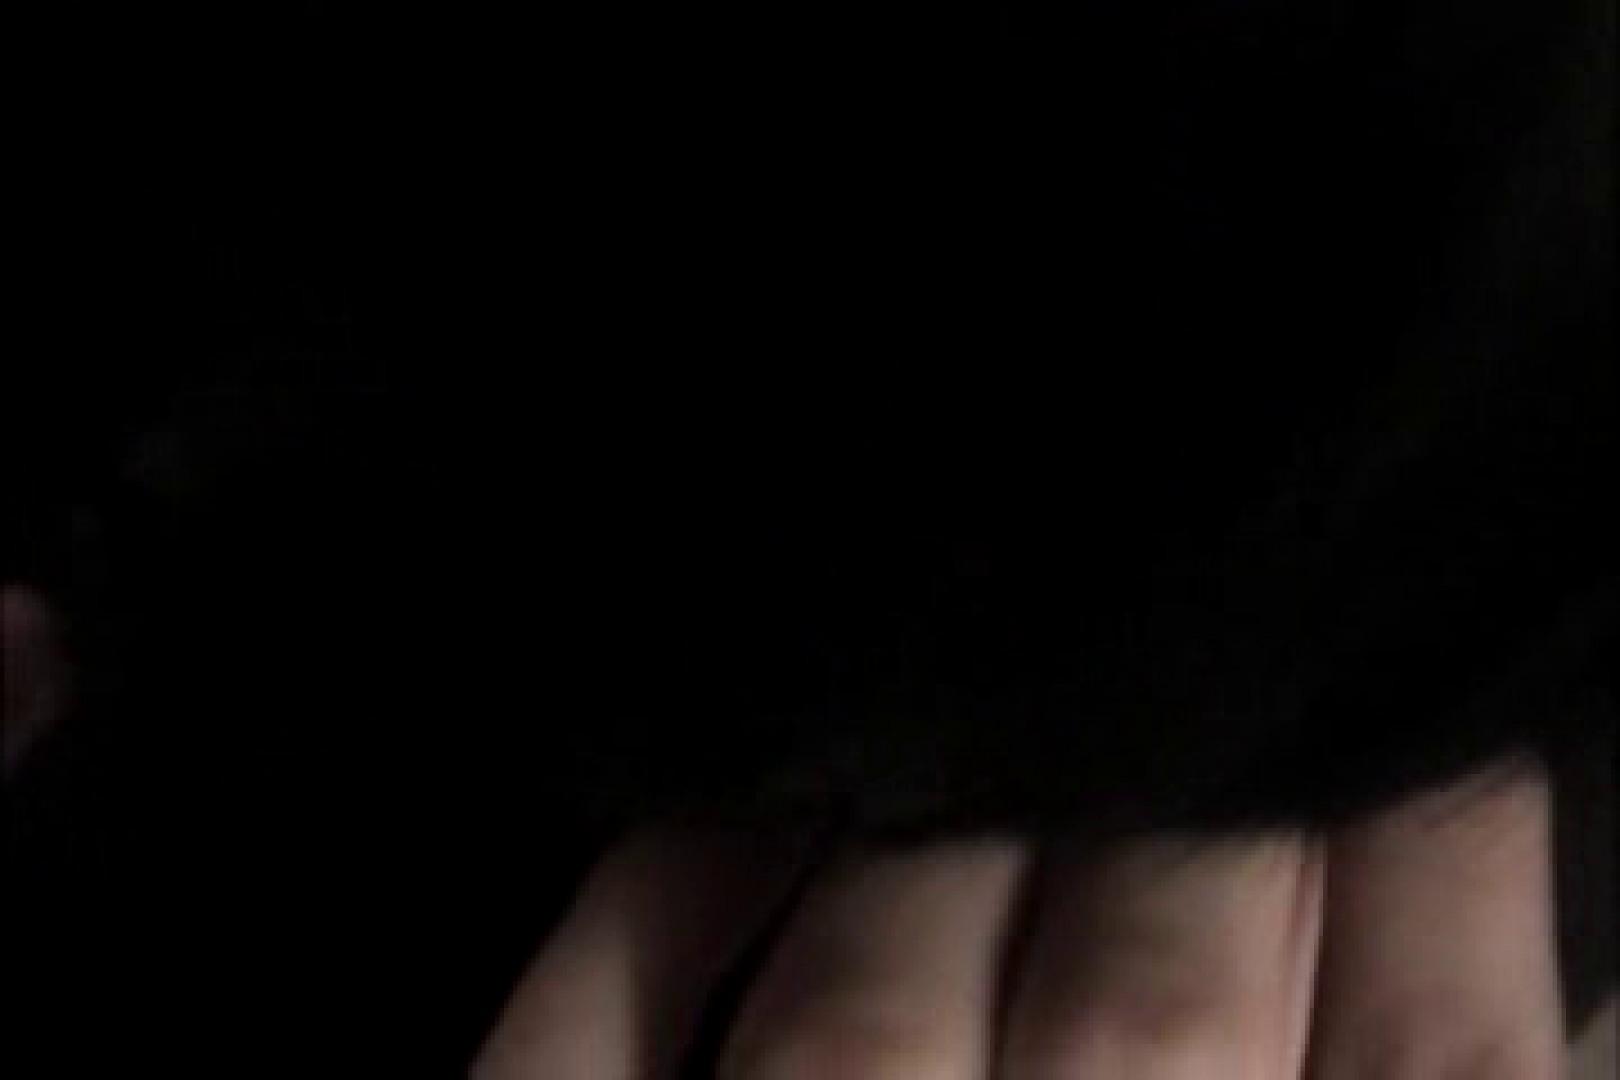 ノンケたちもビンビン!!春のノンケ祭り!!vol.01 投稿作品 ゲイ無修正ビデオ画像 77画像 34